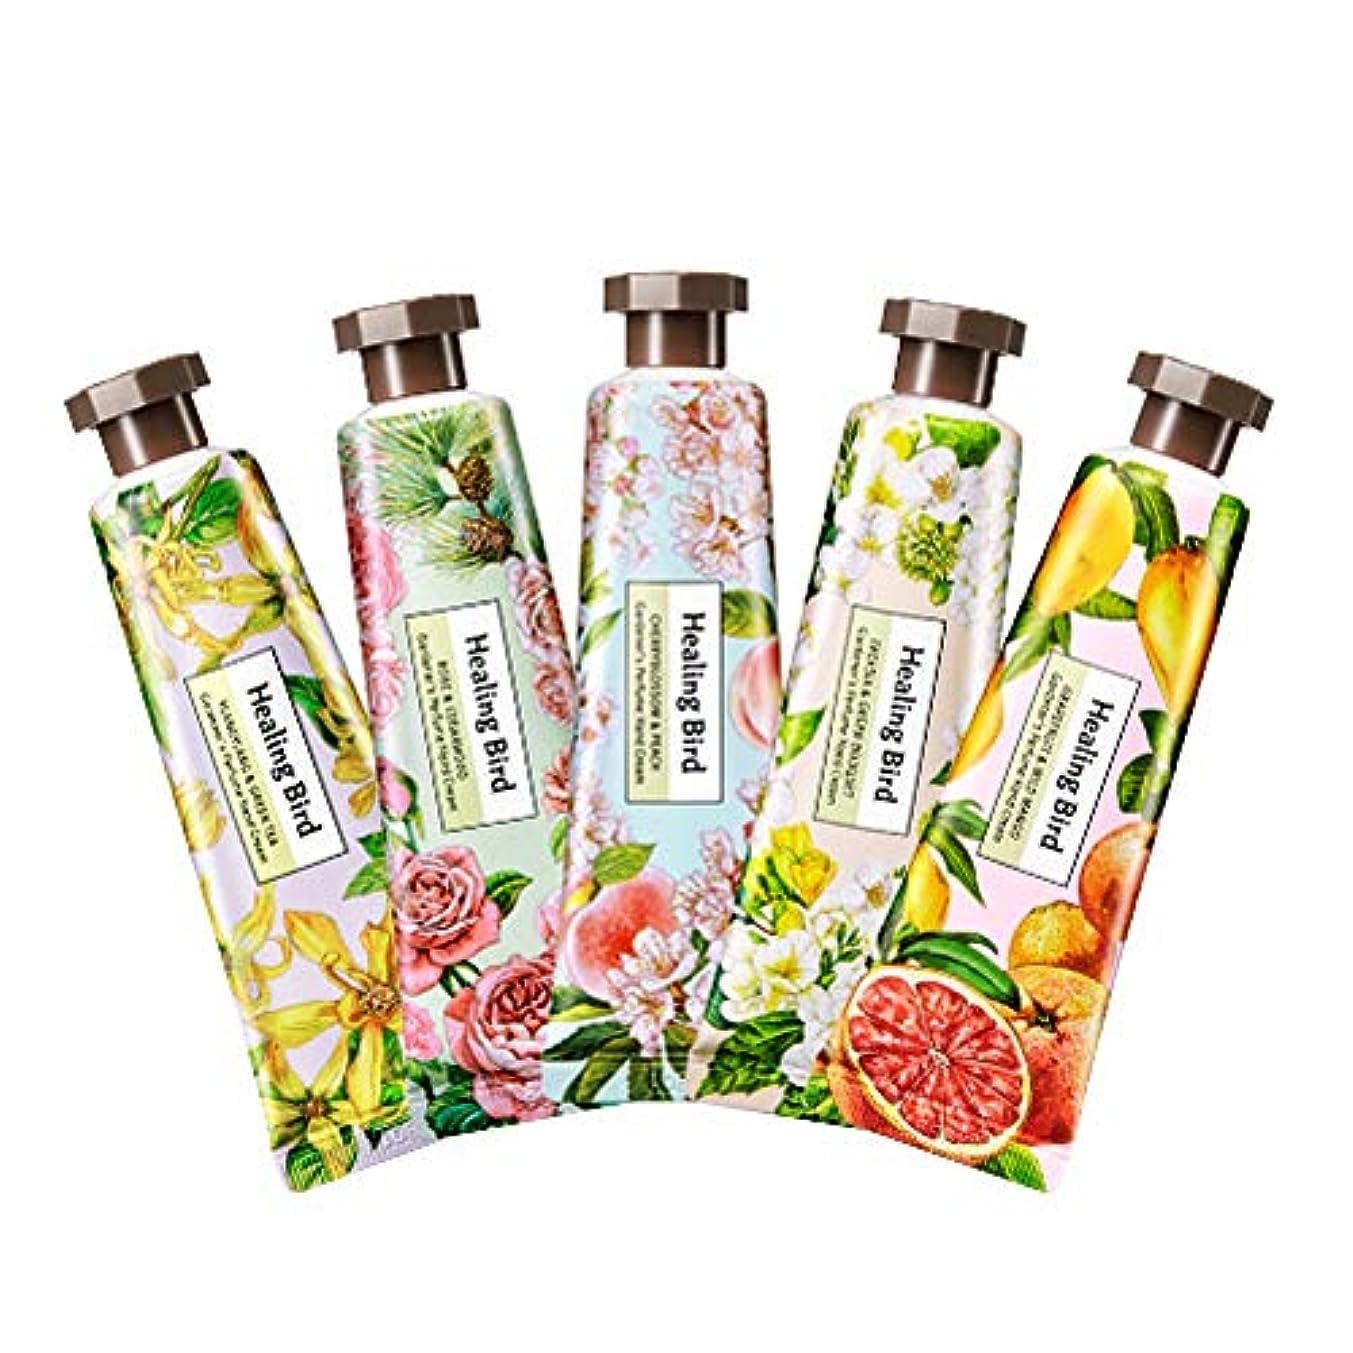 最小冷淡なナビゲーションHealing Bird Gardener's Perfume Hand Cream 30ml ヒーリングバード カドゥノスパヒュームハンドクリーム (Ylangylang & Greentea) [並行輸入品]